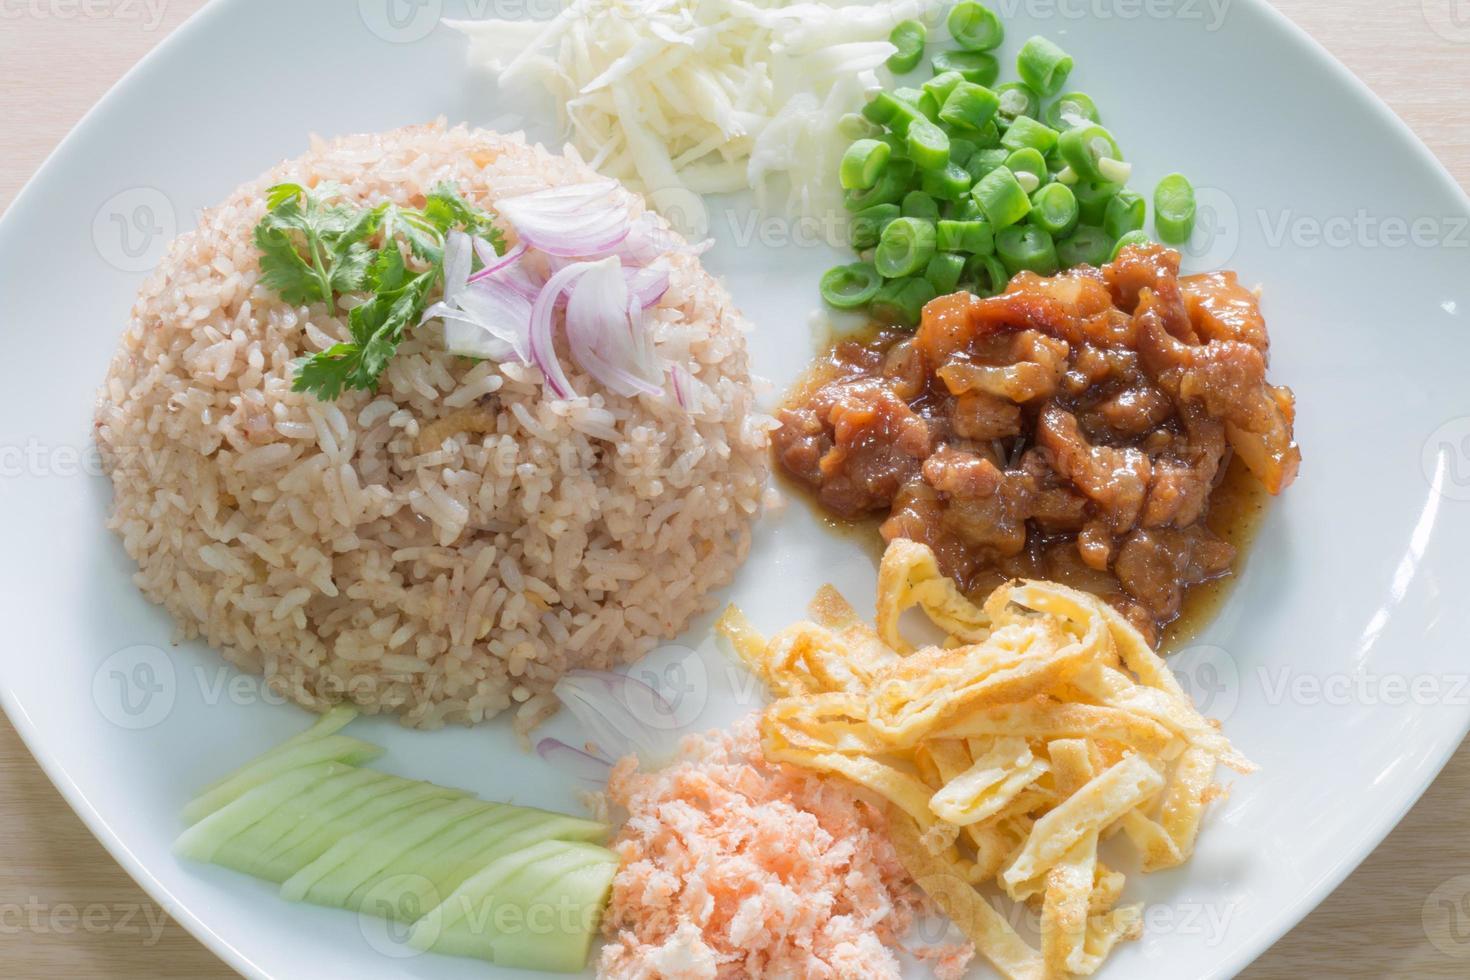 arroz misturado com pasta de camarão foto